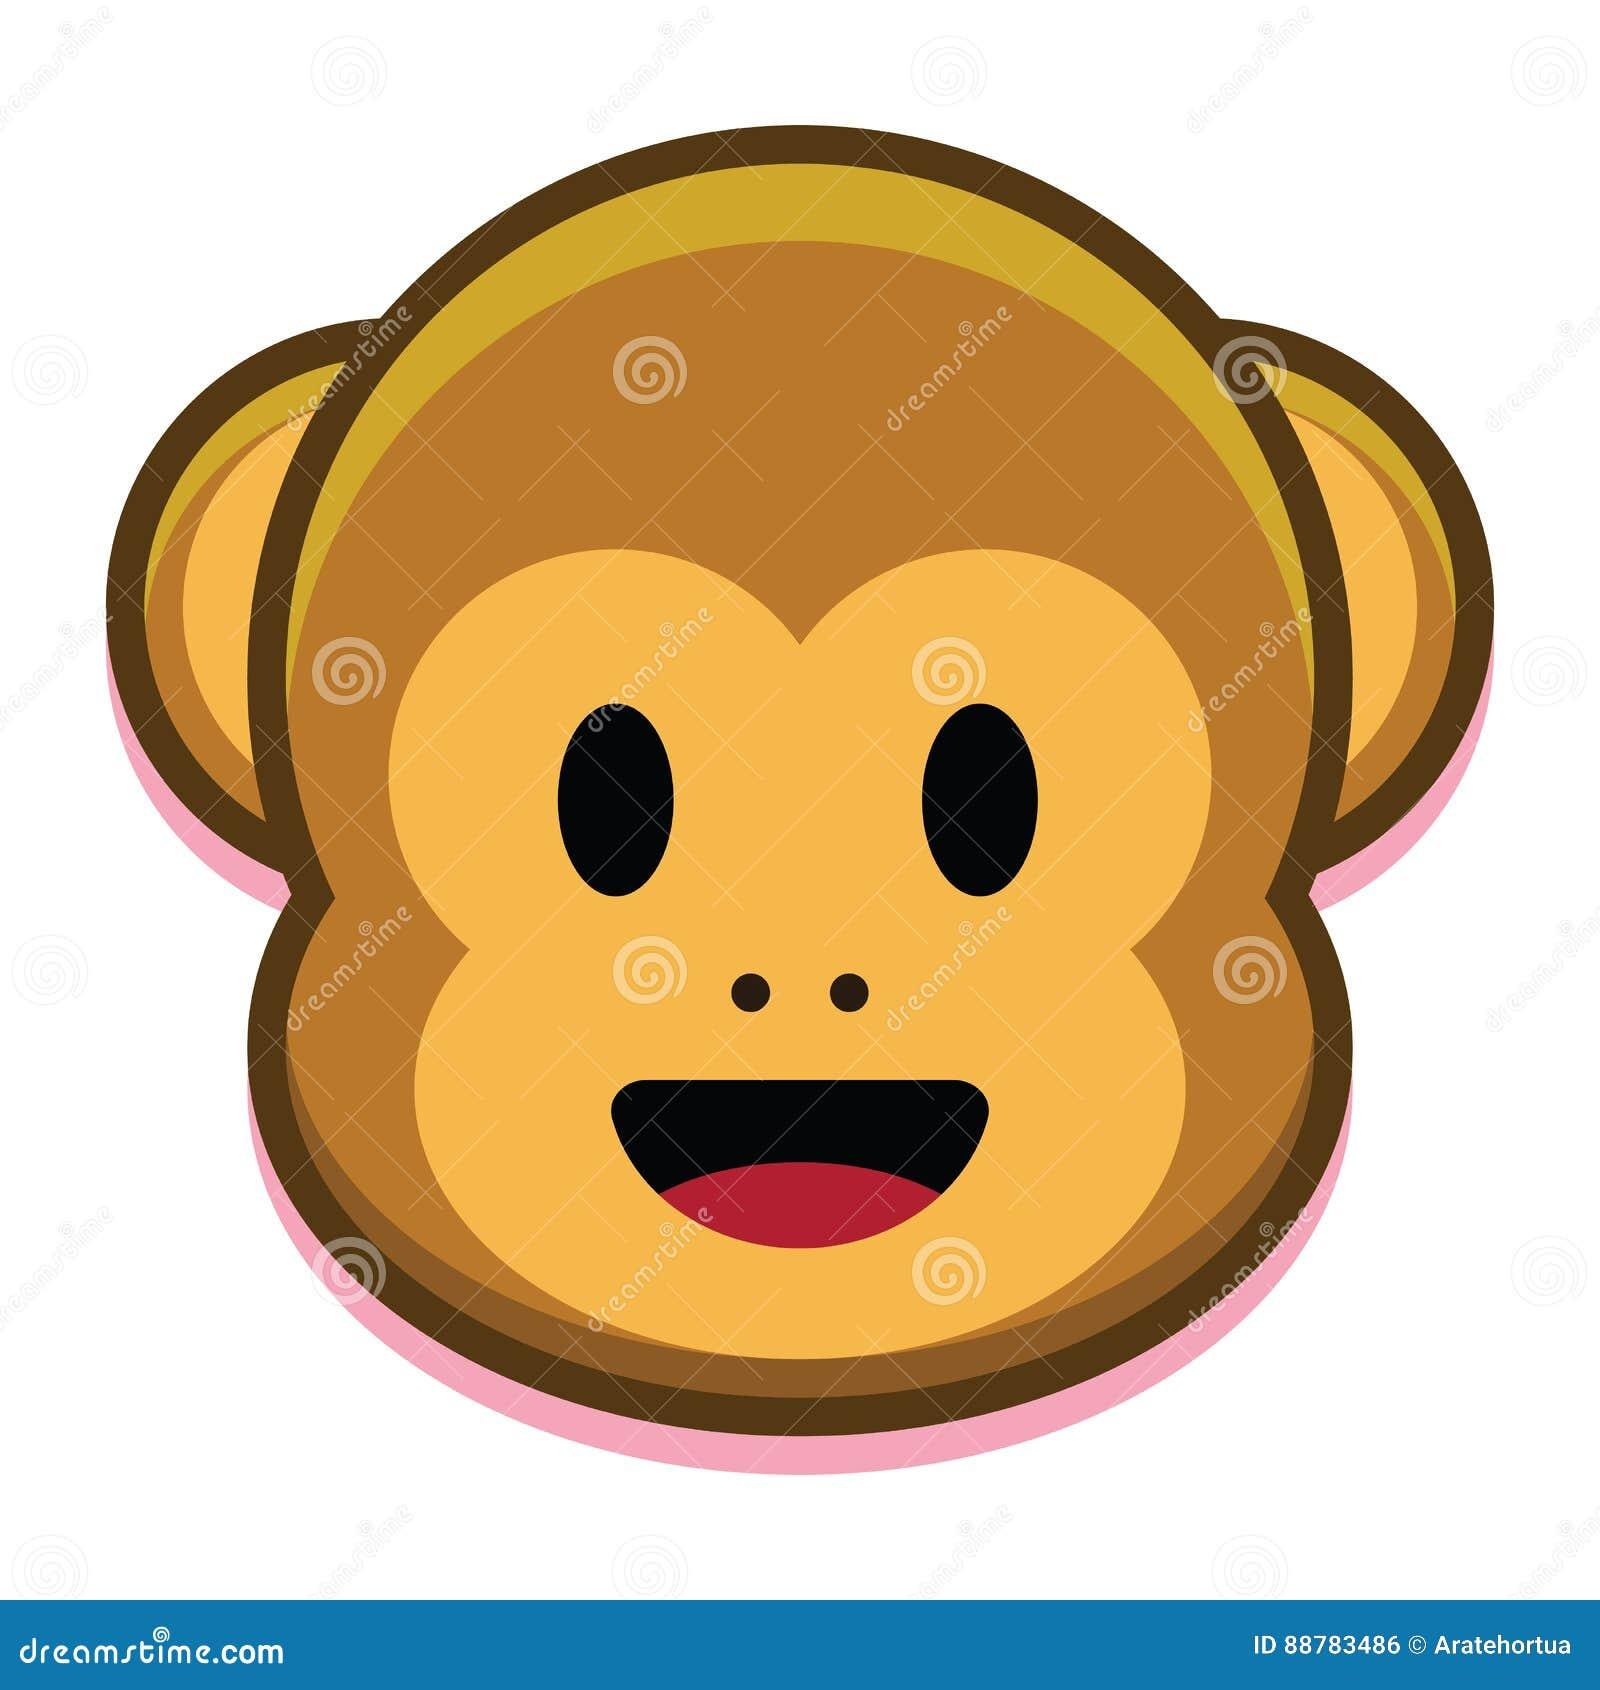 Cartoon Cute Monkey Face Isolated On White Background Stock Illustration Illustration Of Celebration Decoration 88783486